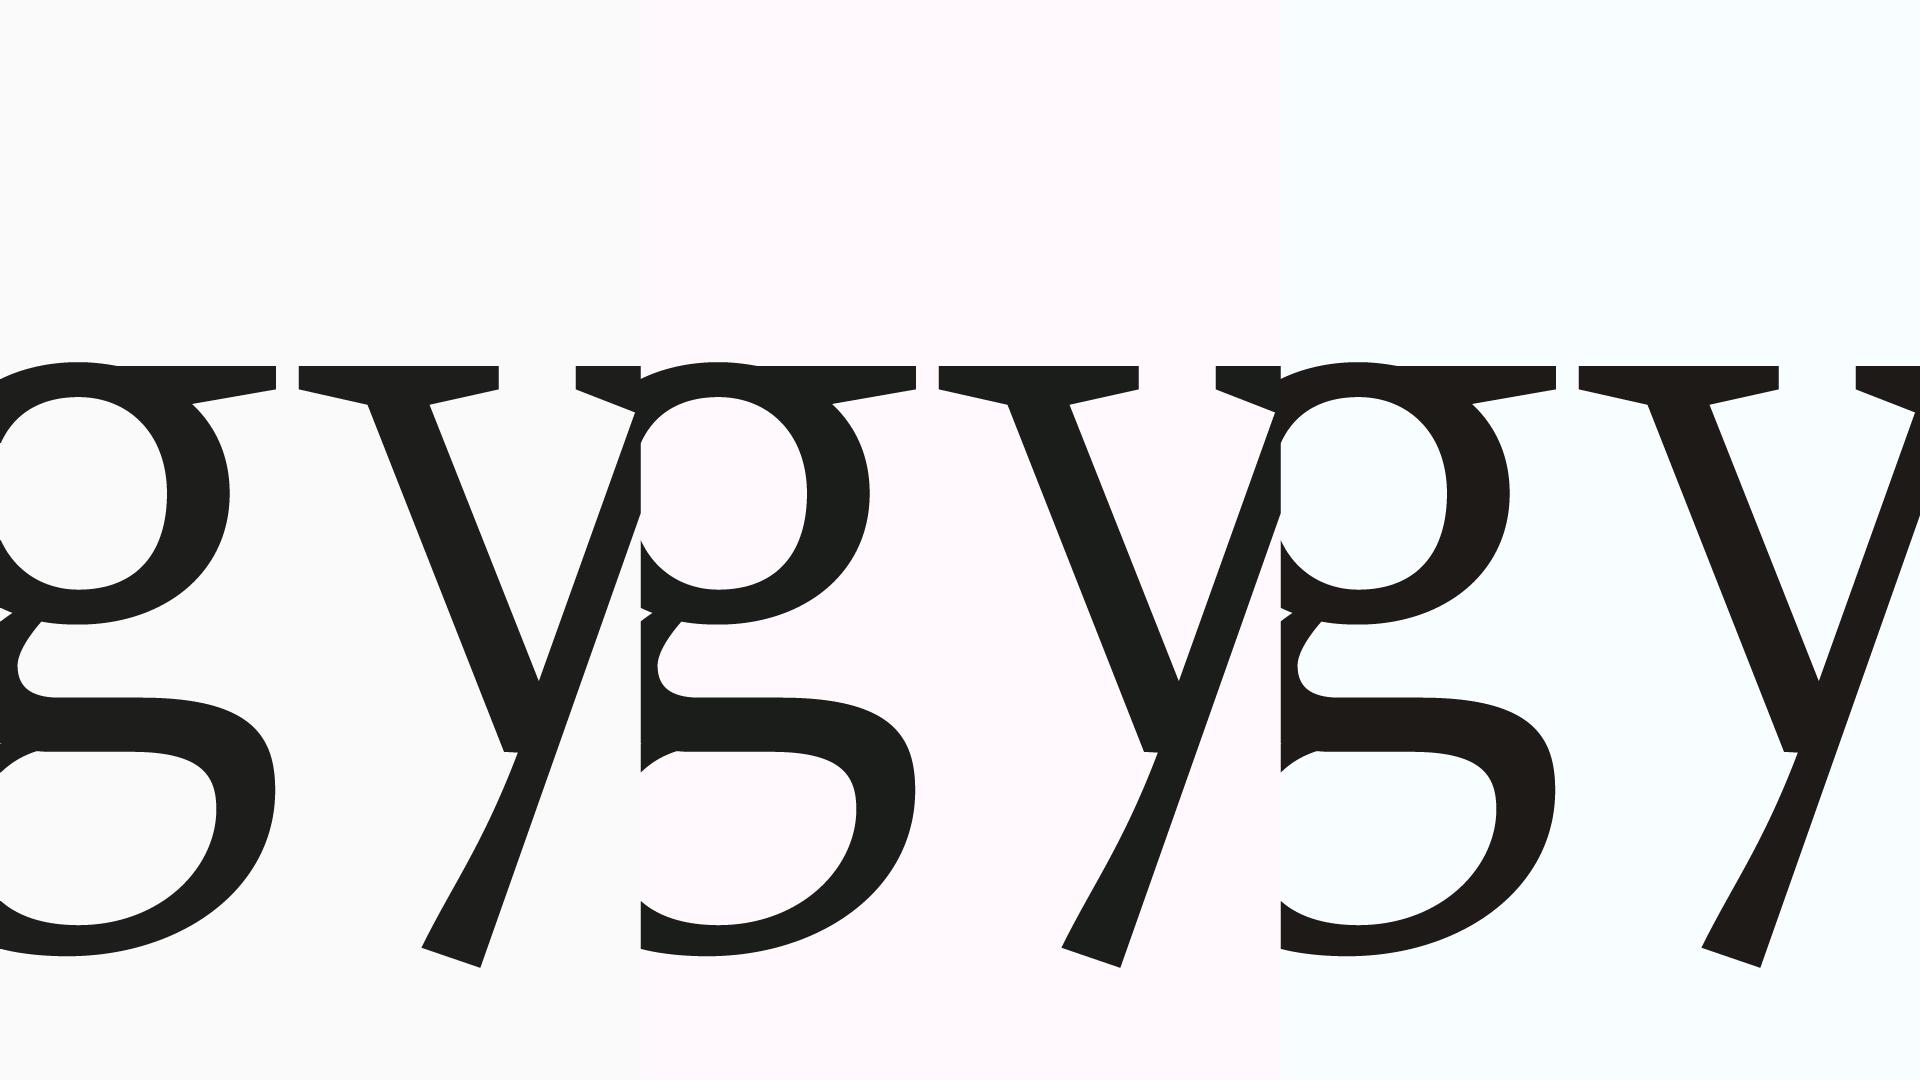 typetips-006